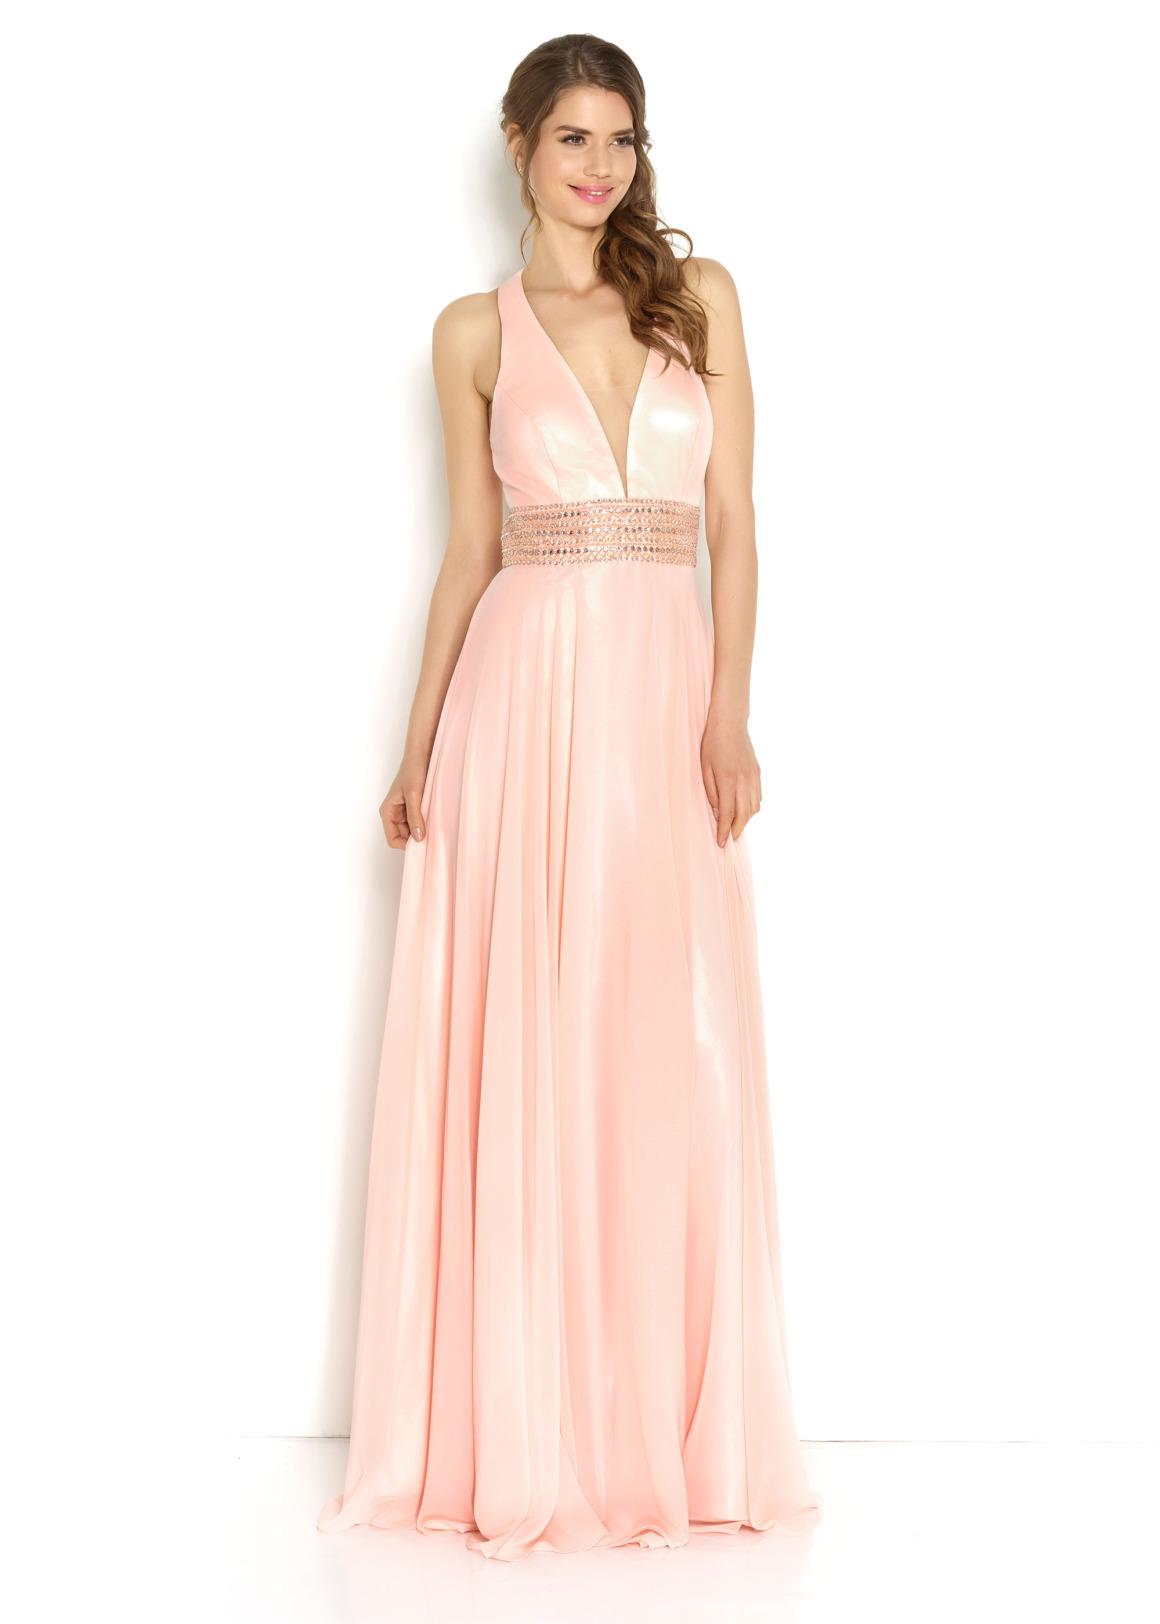 Brautjungfern Kleid Hochzeit Mode klassisch Trauzeugin Brides Maid  rose nude soft pastell